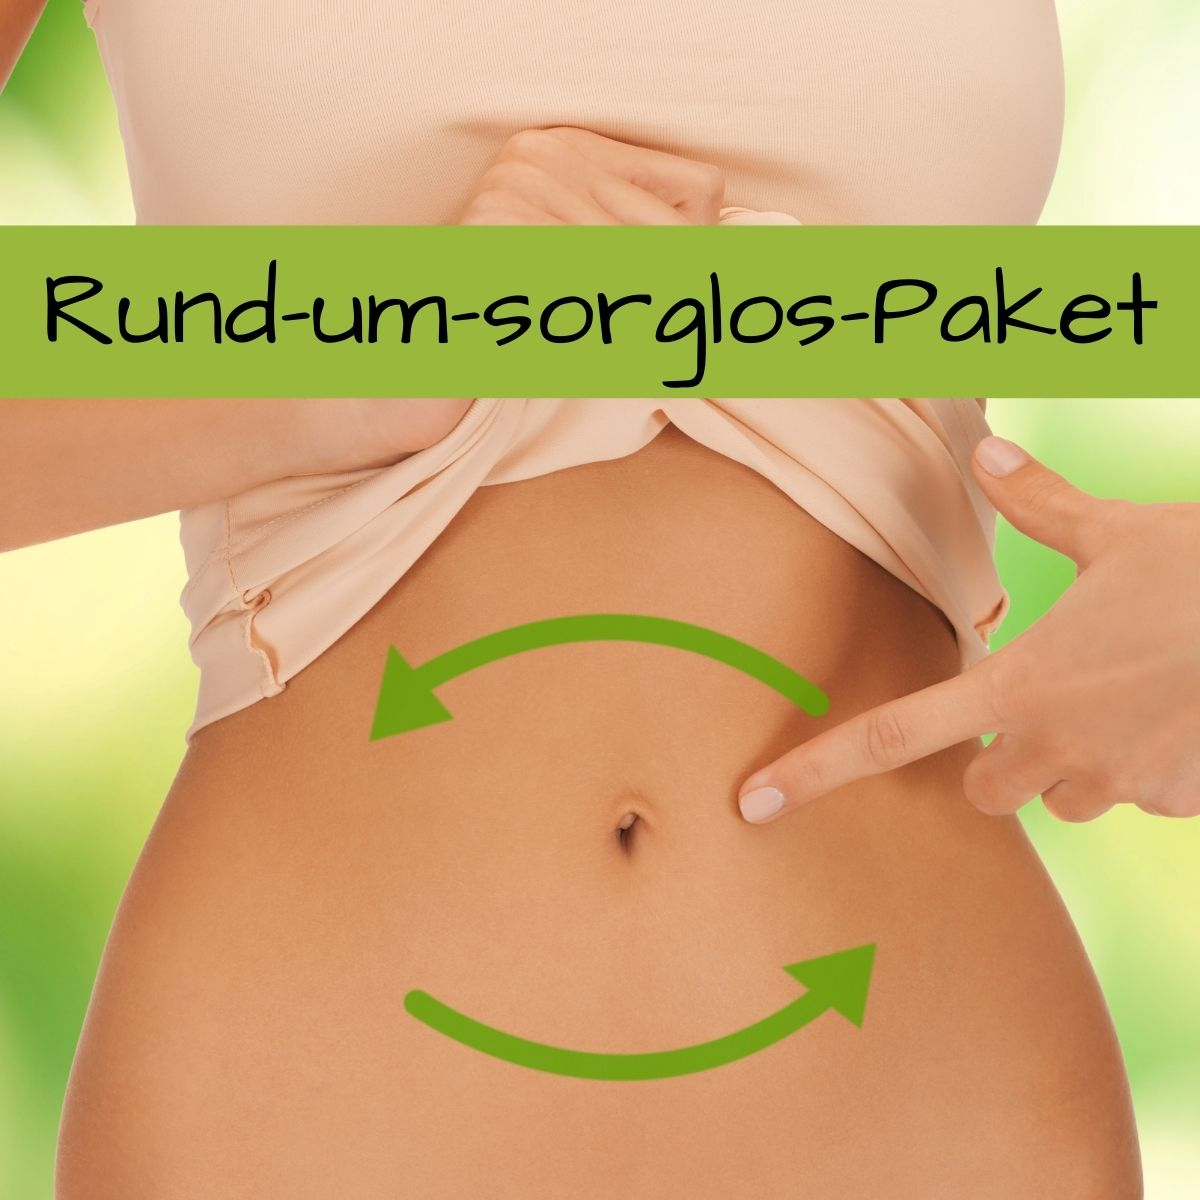 Ernährungsberatung Darm Rund-um-sorglos-Paket